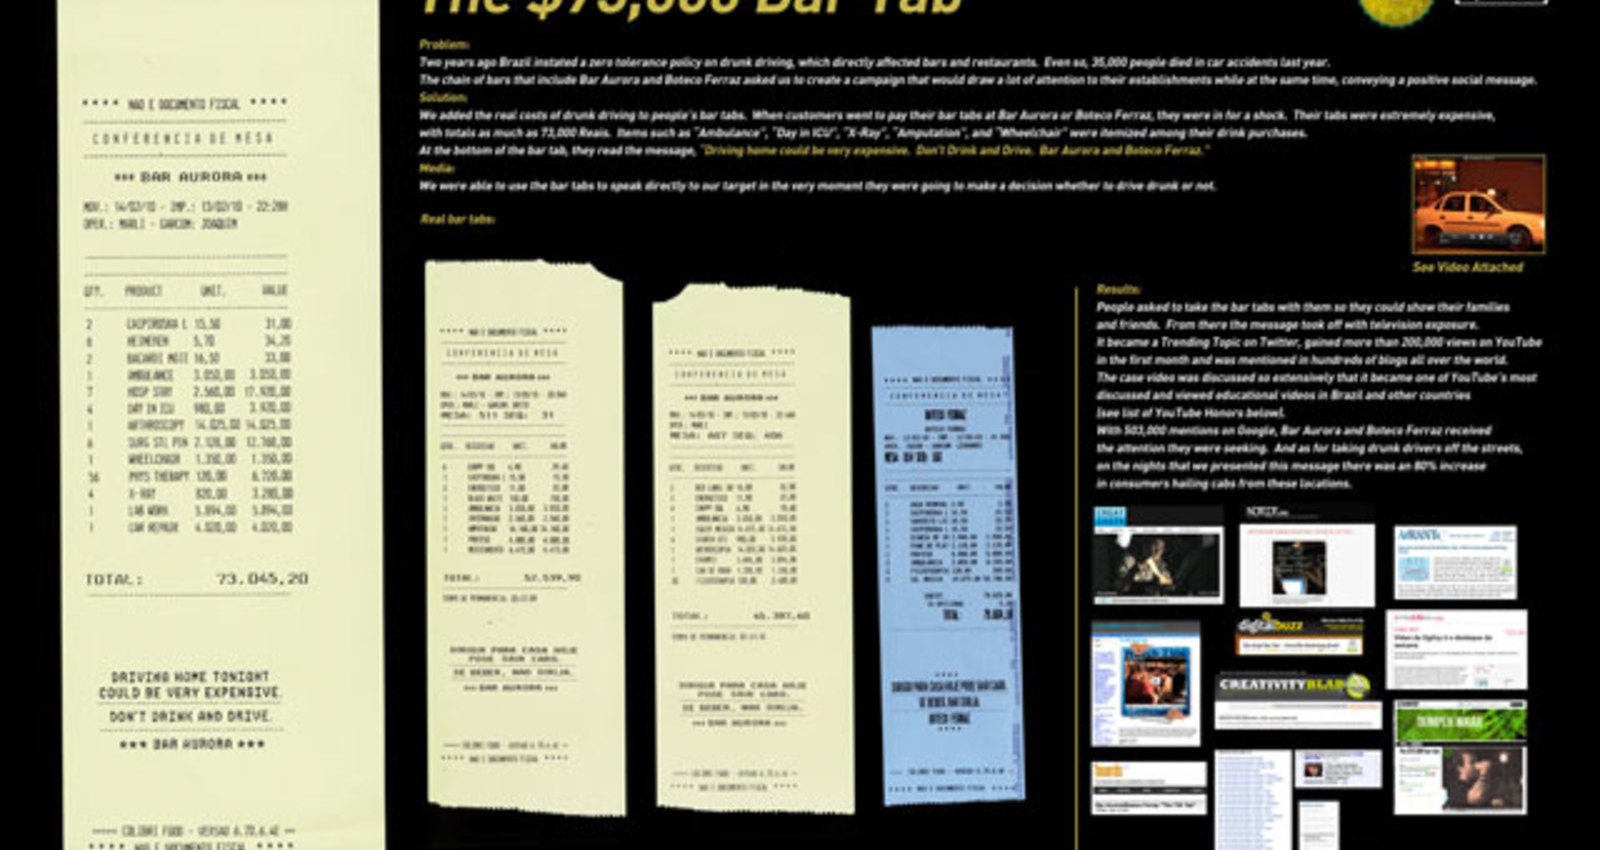 $ 73,000 BarTab